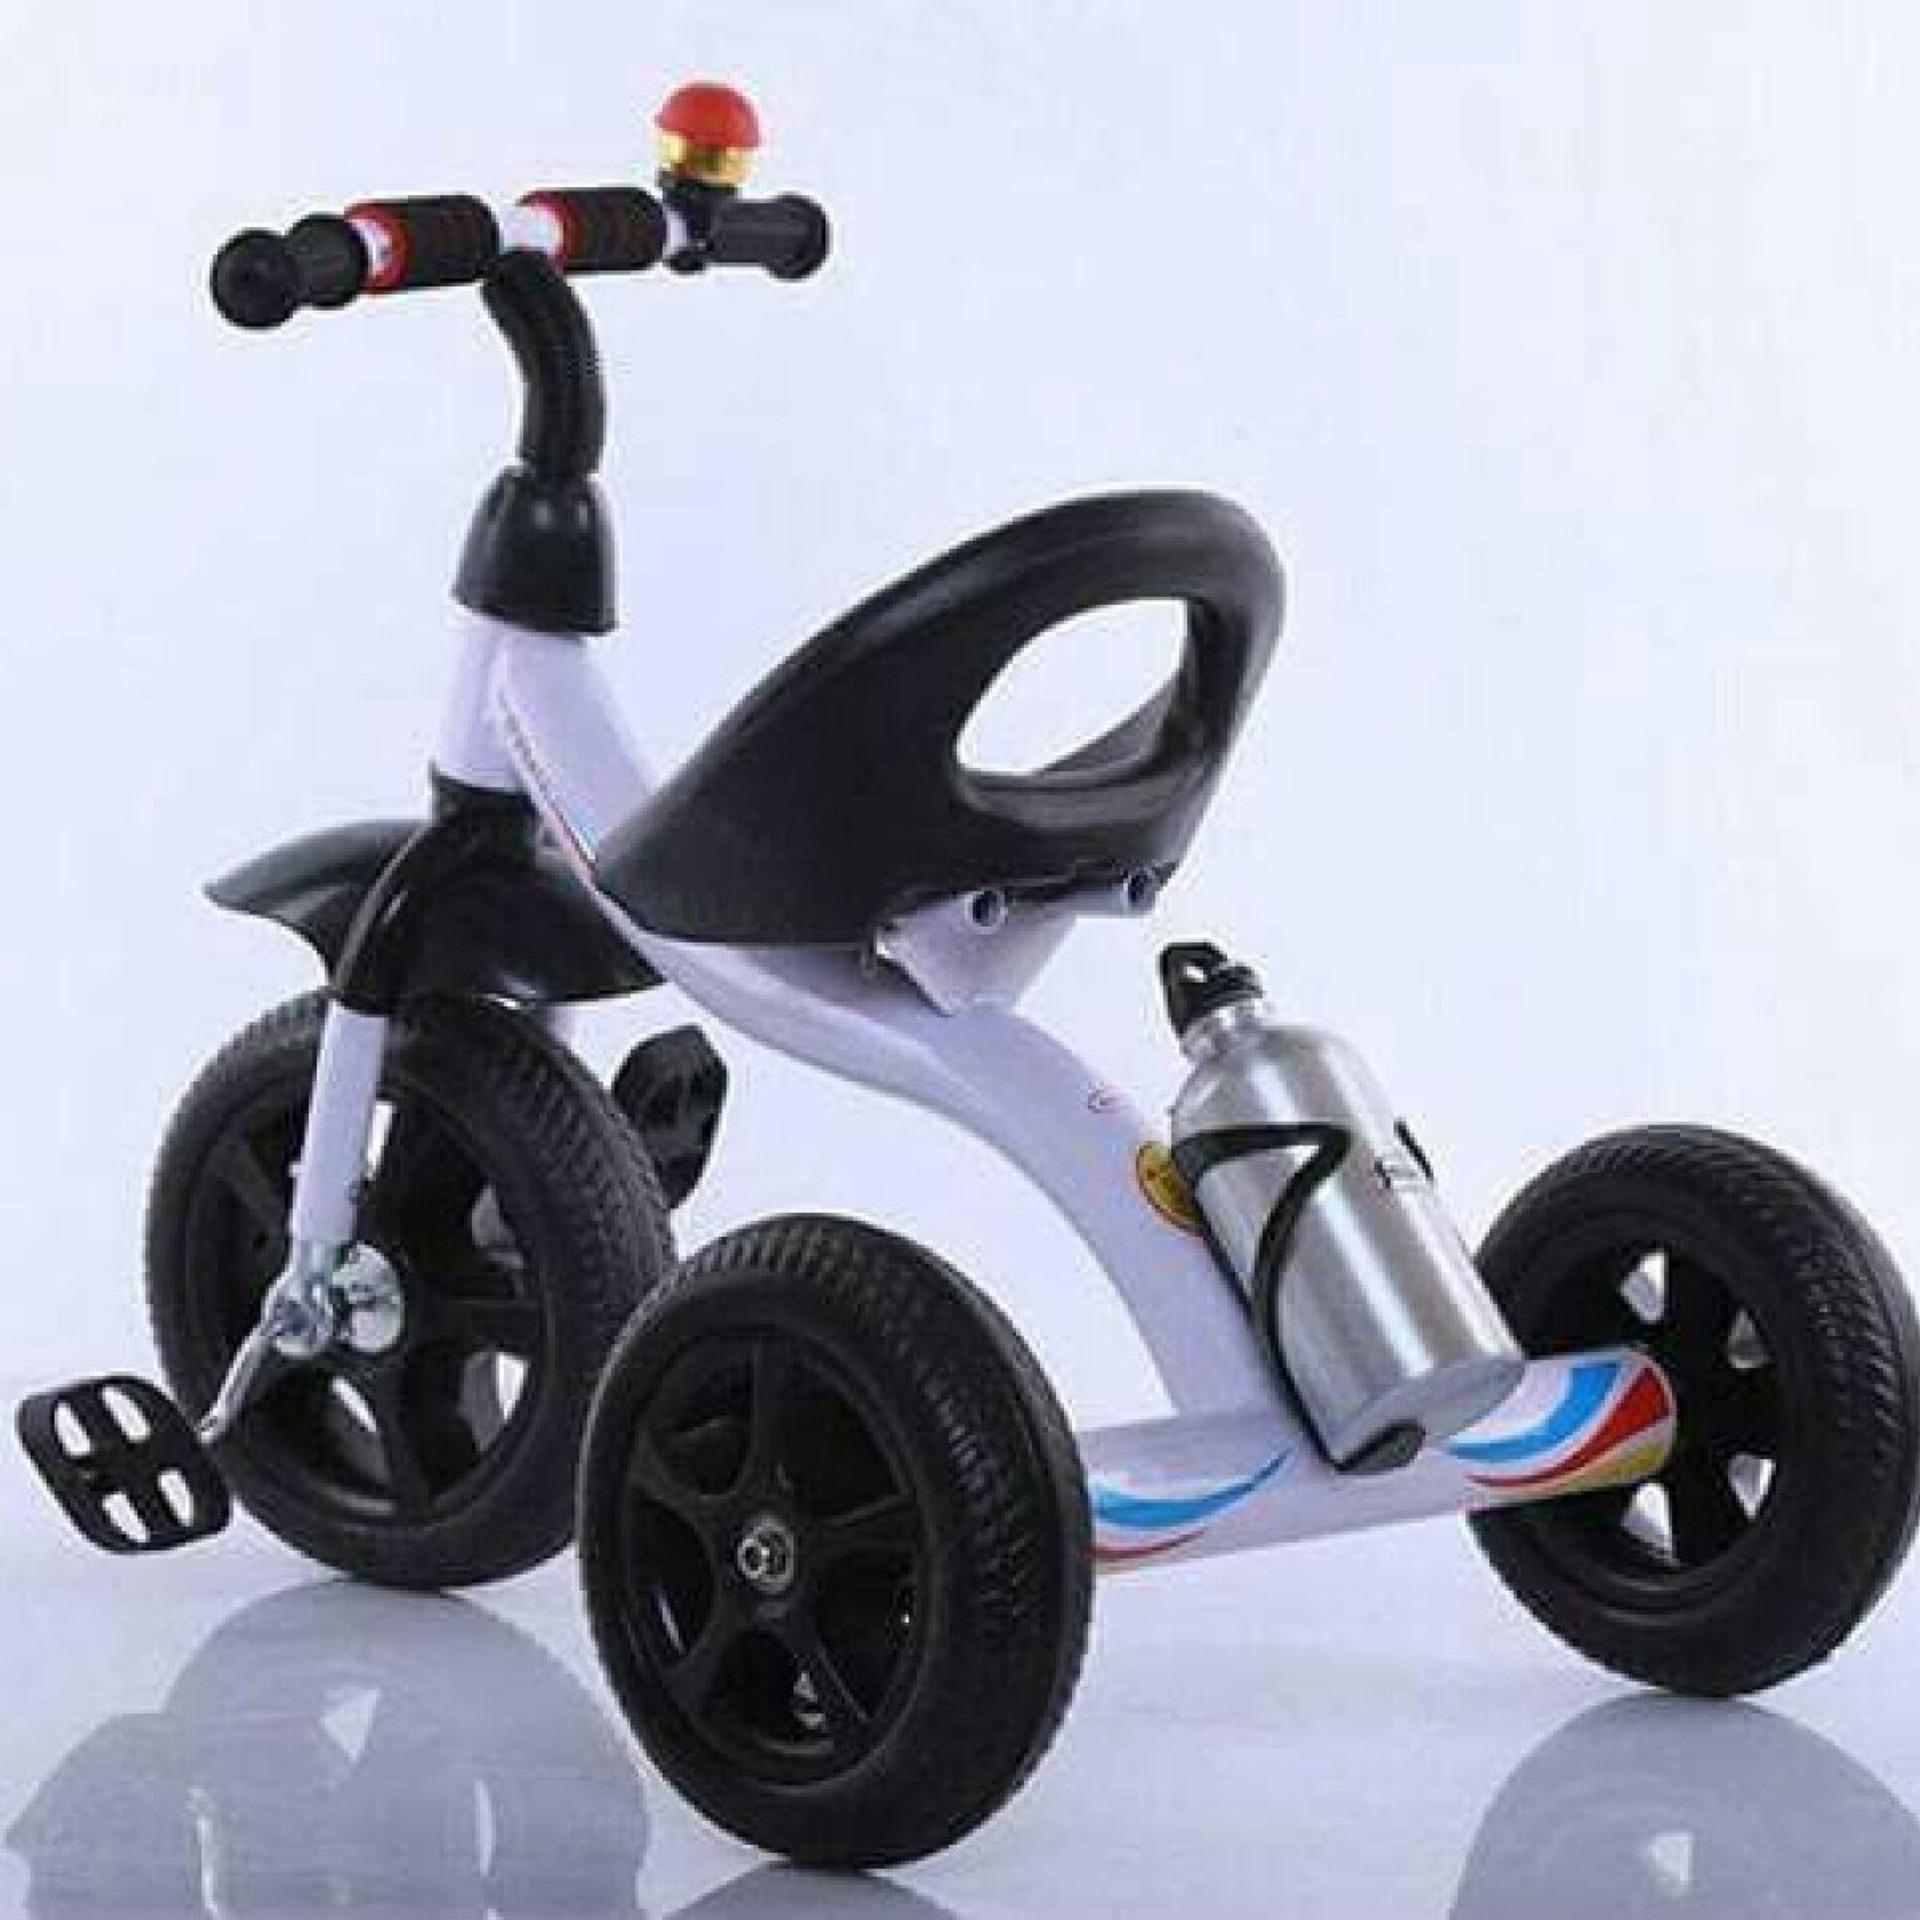 Giá bán Xe đạp trẻ em, xe day em be, Xe 3 bánh kèm bình nước CAO CẤP - Bảo hành uy tín 1 đổi 1 trong vòng 12 tháng trên toàn quốc